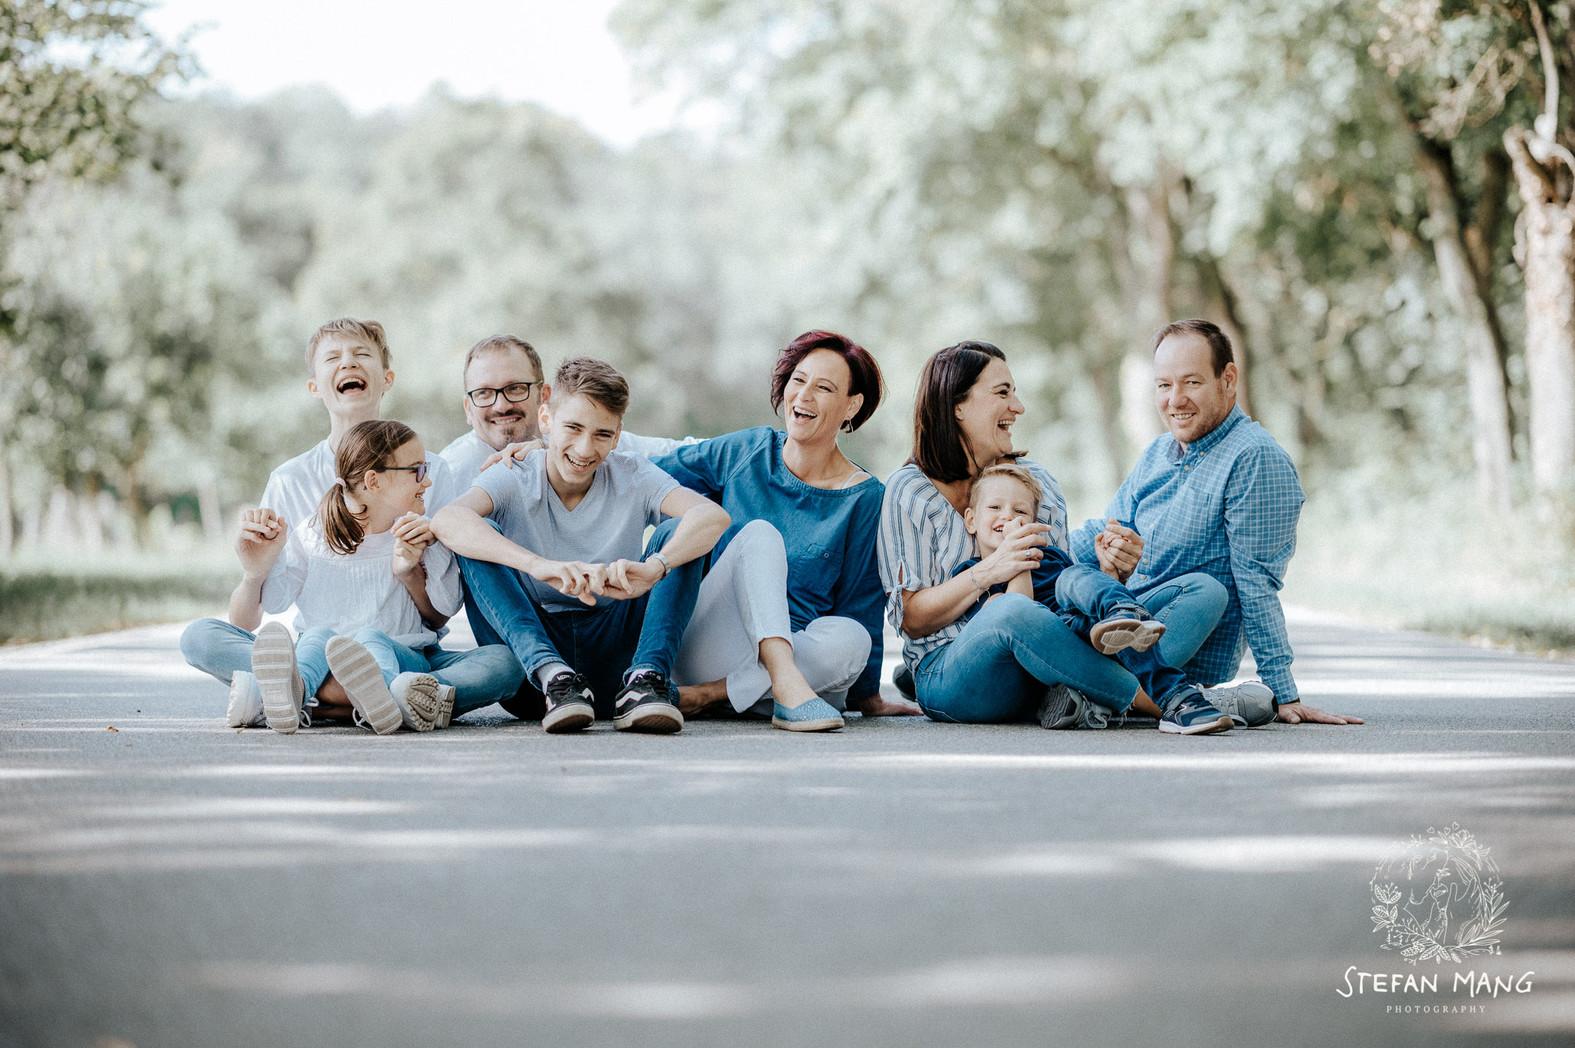 Familyshooting-08.jpg